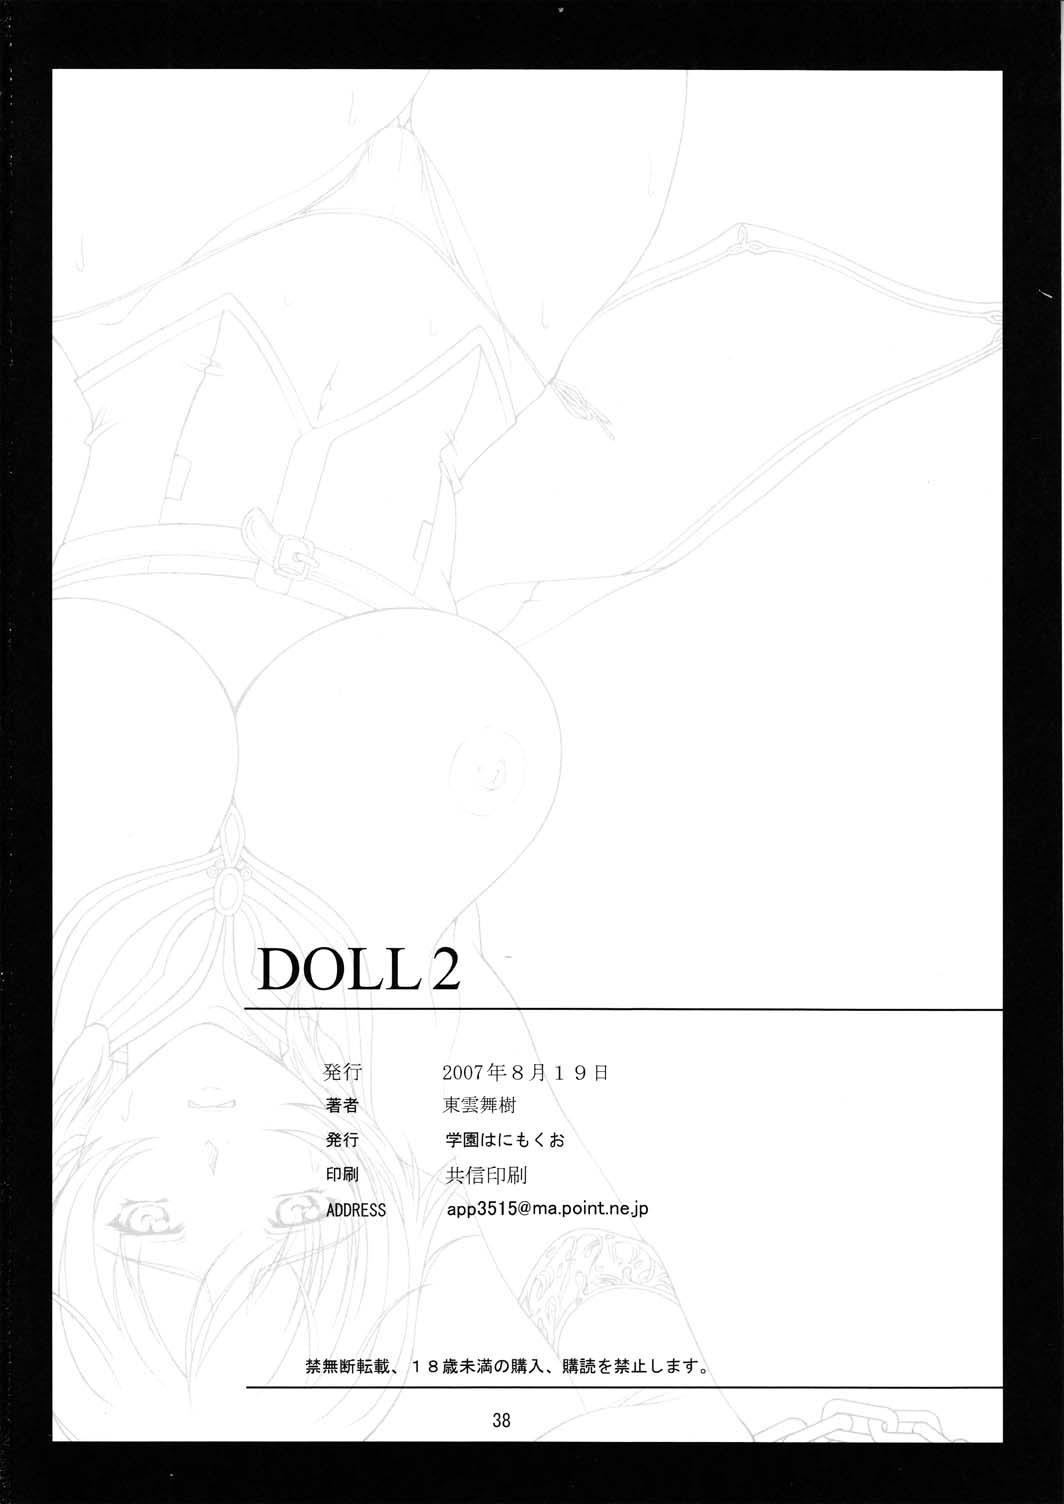 Doll 2 37